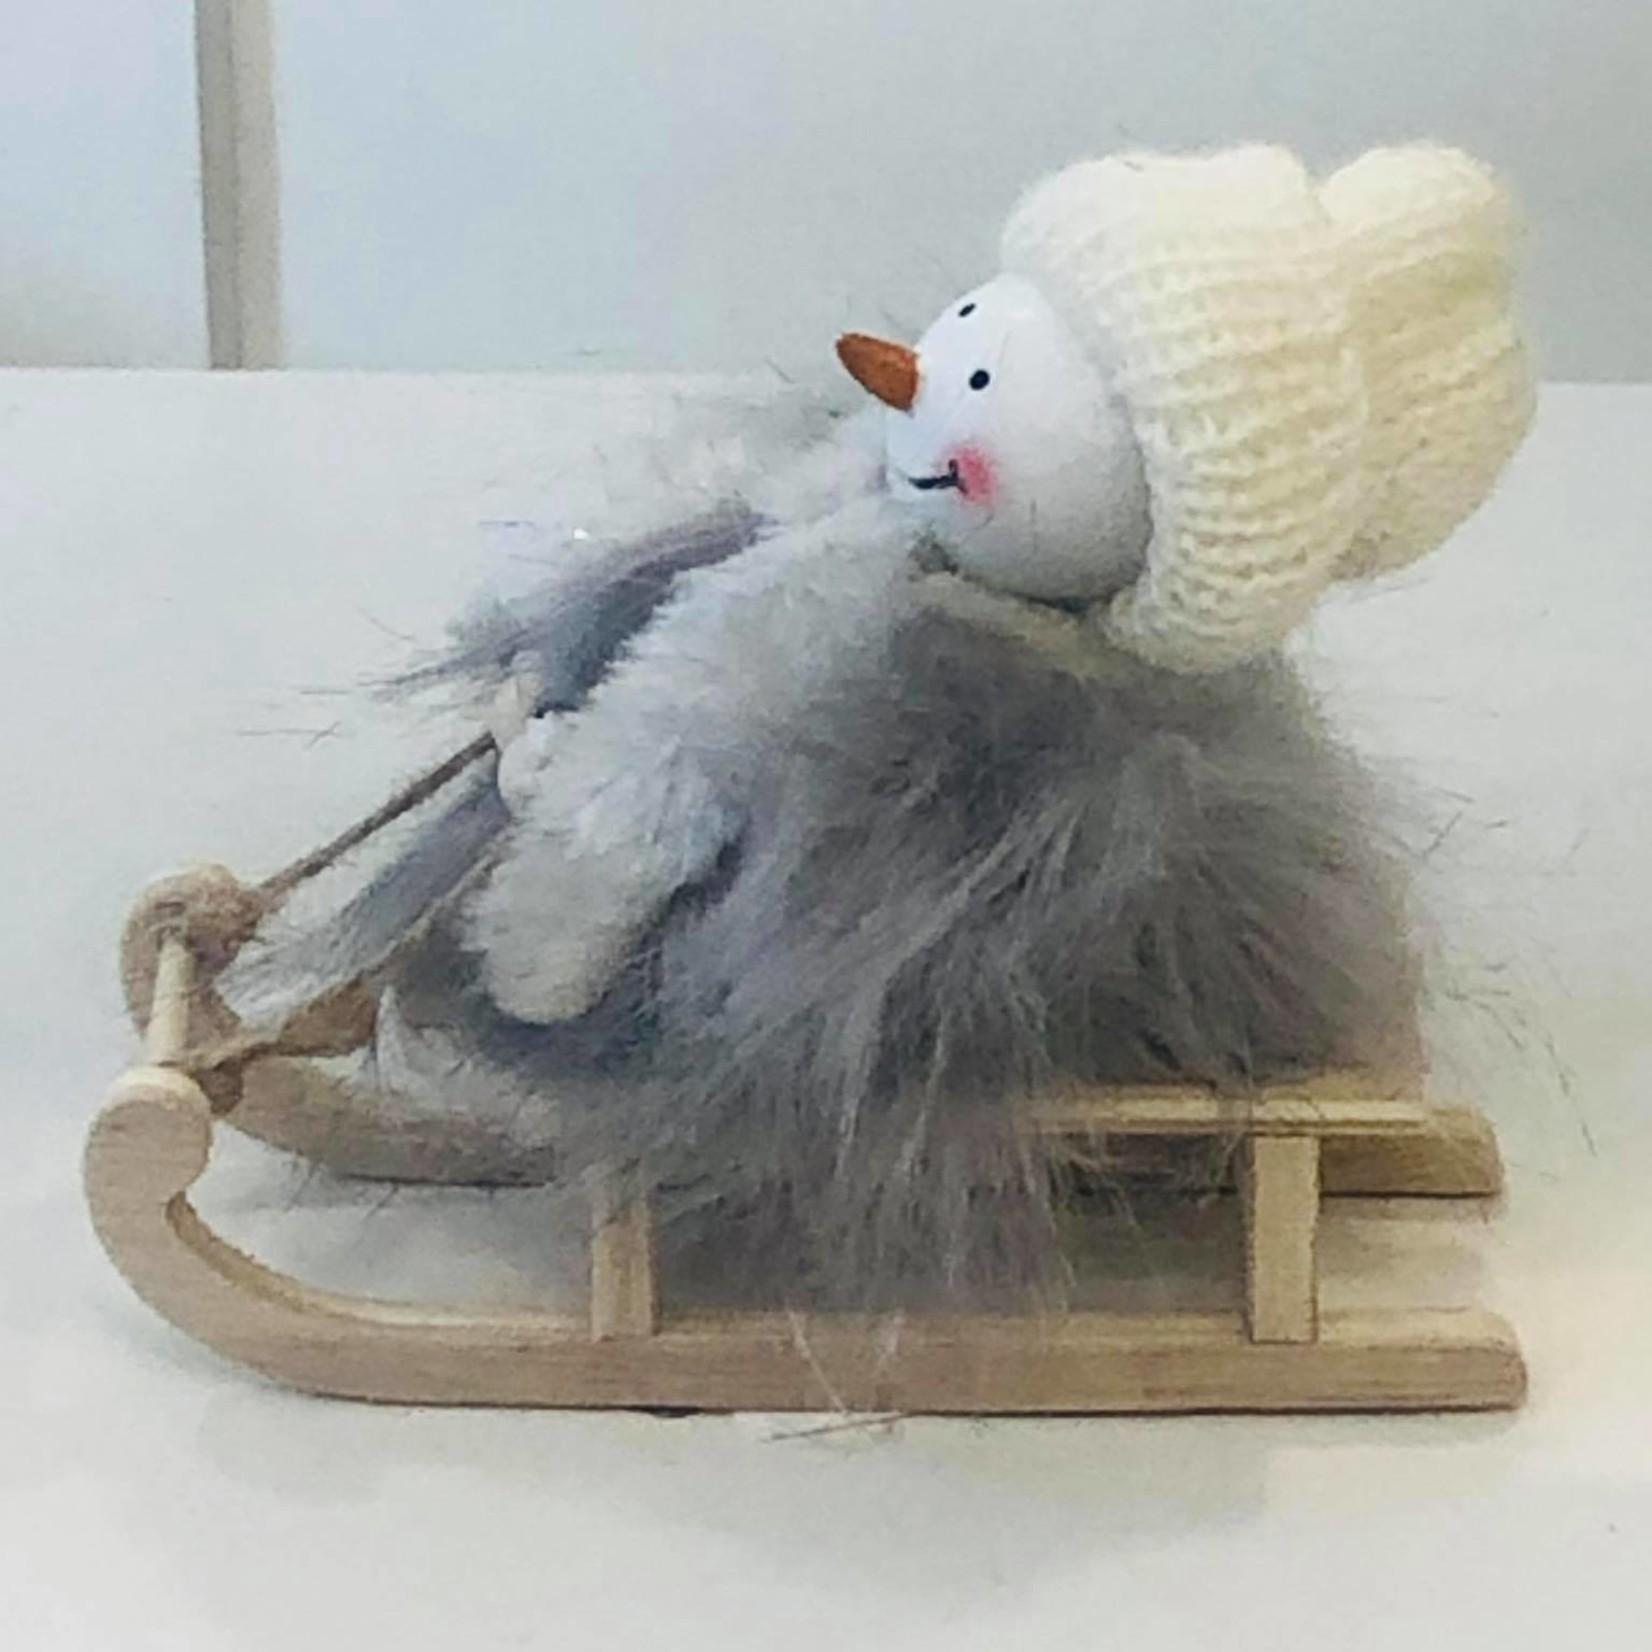 Sneeuwmannetje op slee - 14 x 11,5 x 5 cm